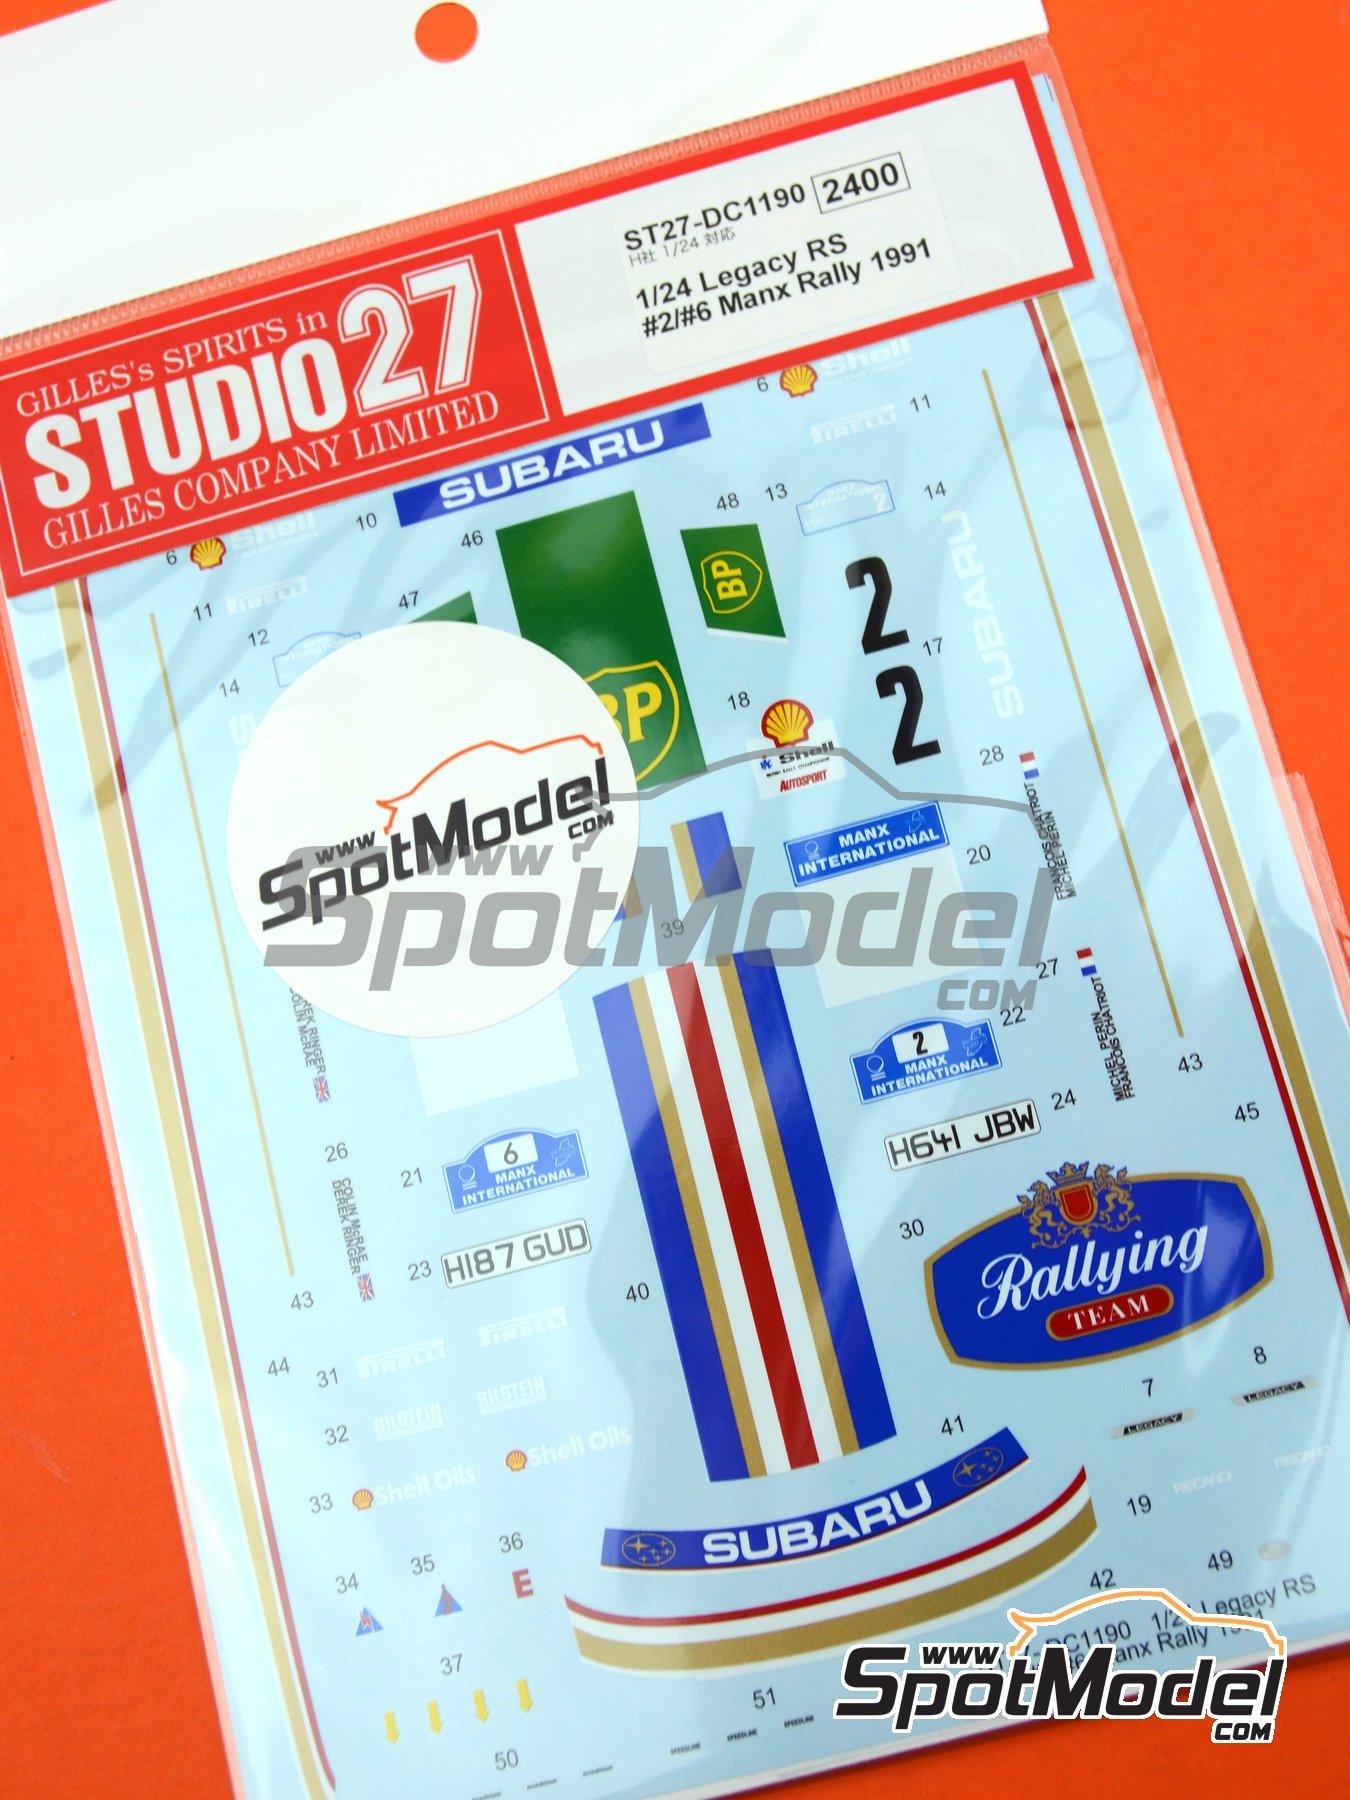 Subaru Legacy RS - Rally Internacional de Manx 1991 | Decoración en escala1/24 fabricado por Studio27 (ref.ST27-DC1190) image